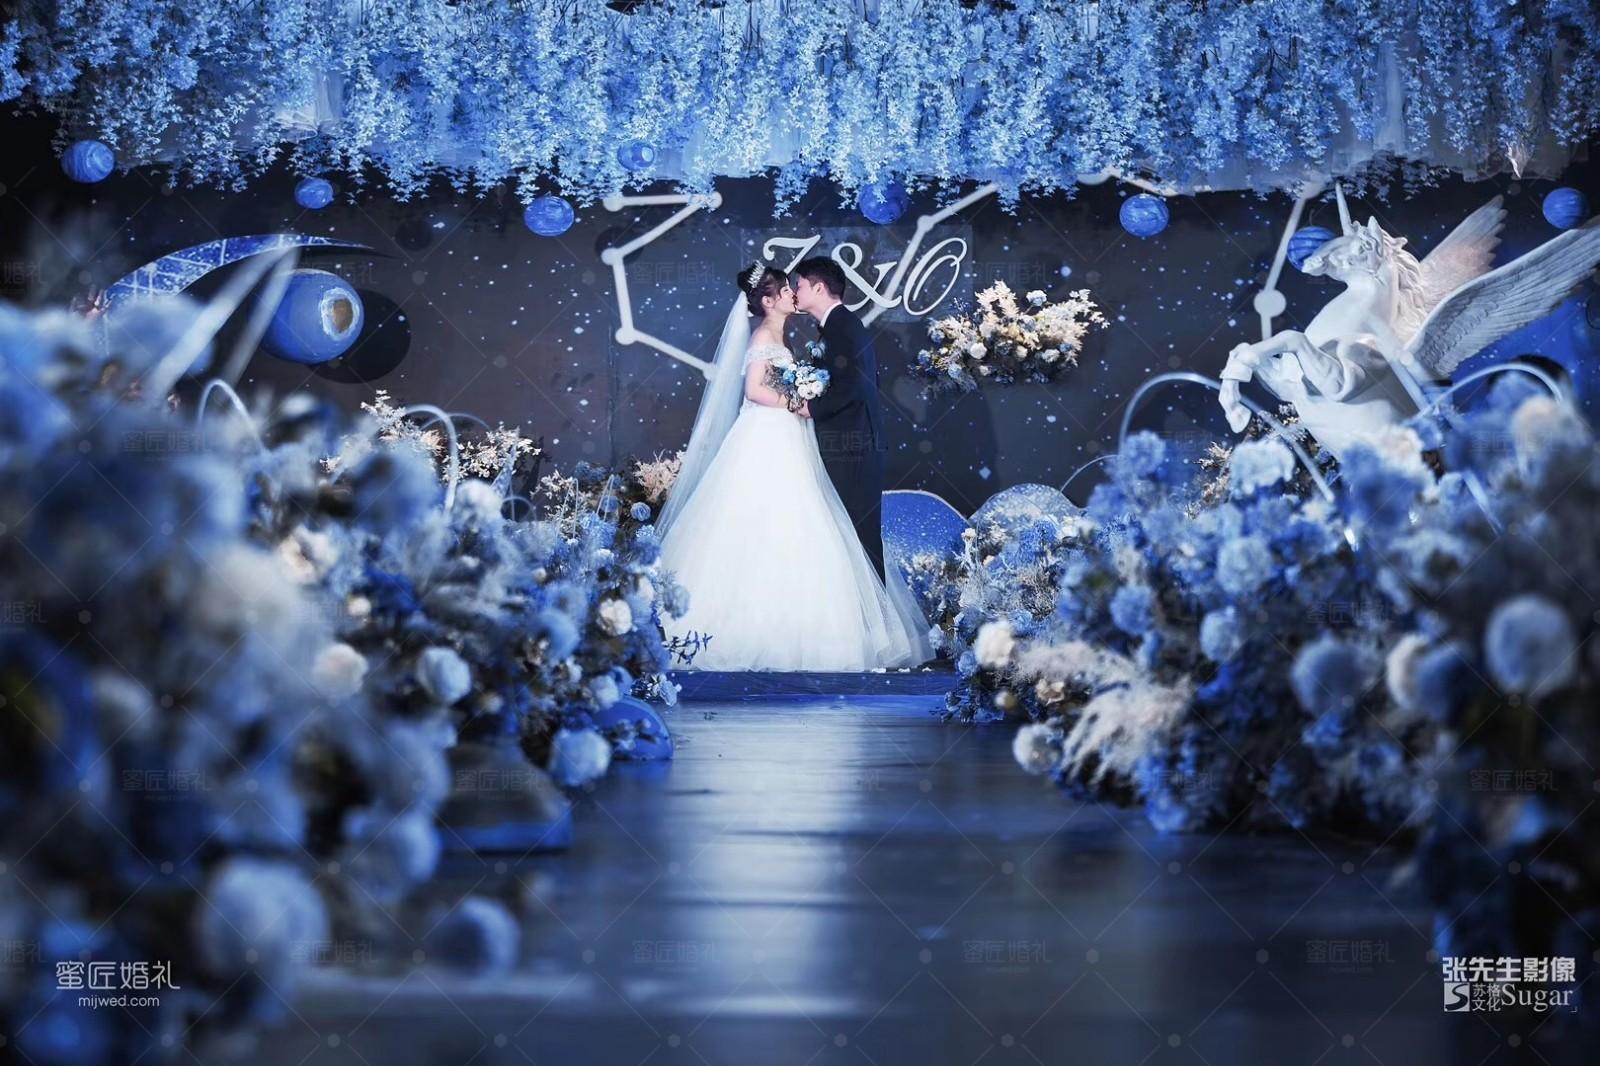 竹溪婚礼主持人一场价格 竹溪婚礼主持人多少钱一天